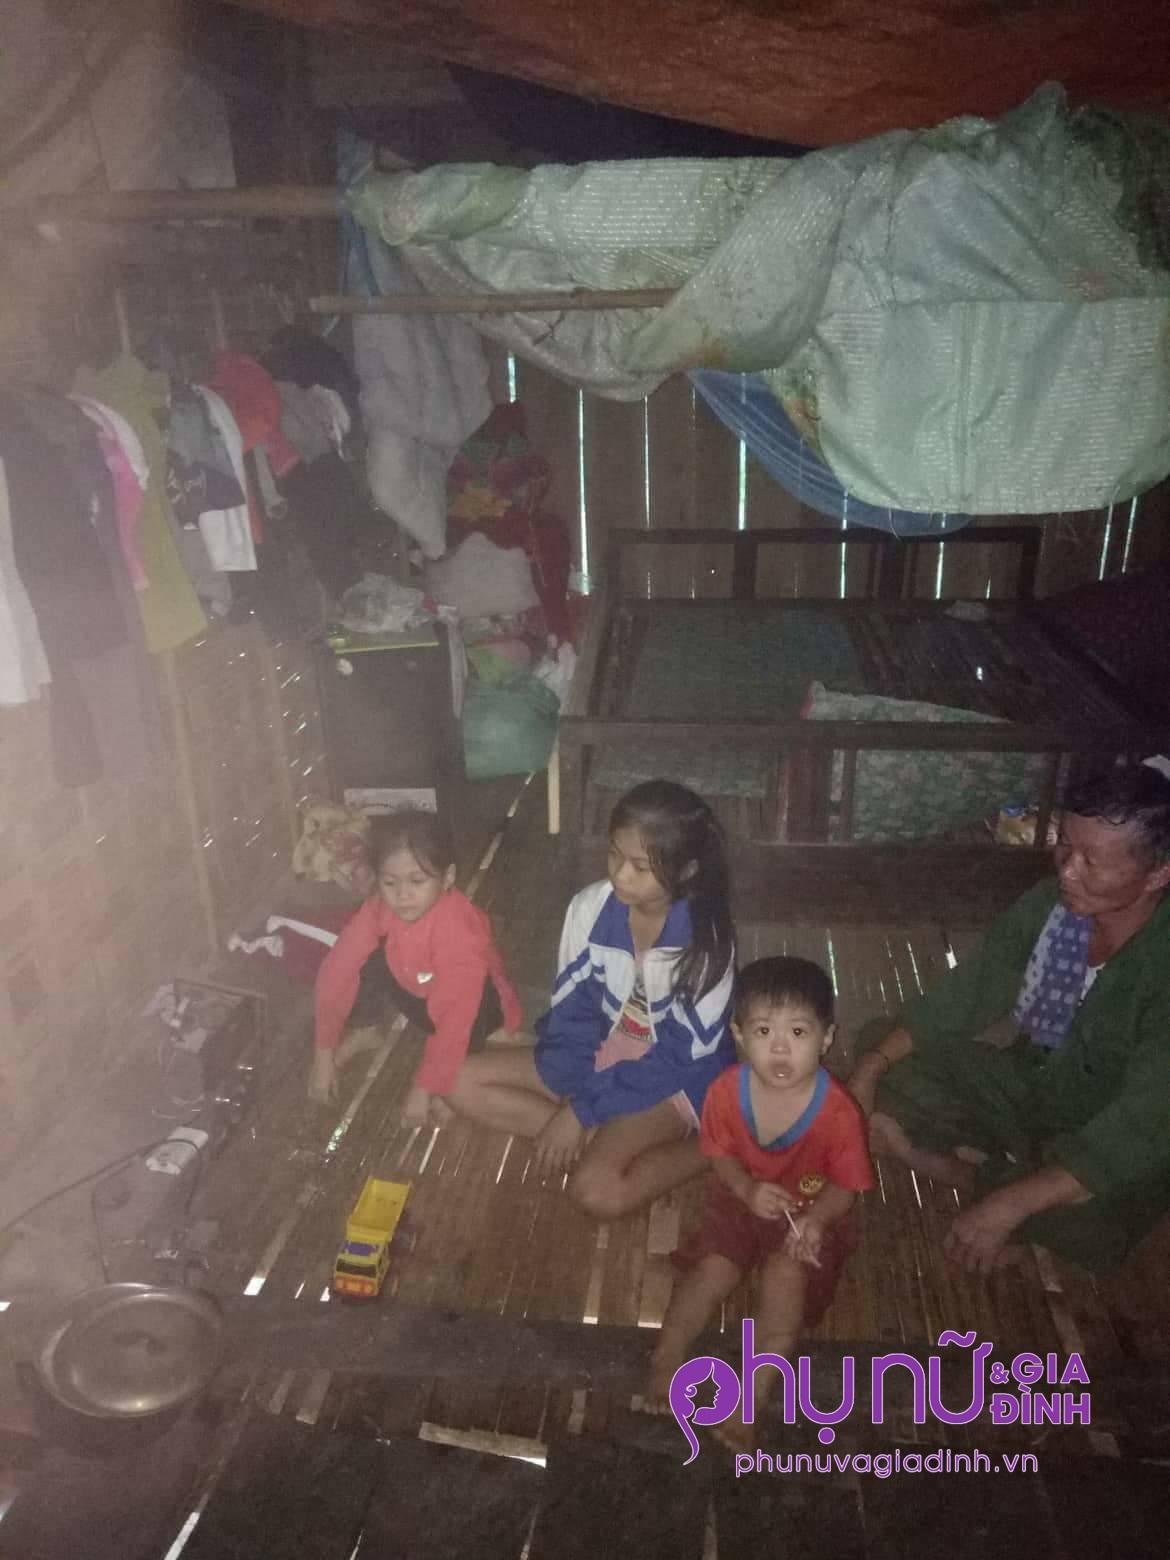 Chồng tử vong, vợ nguy kịch trên đường bán măng rừng, 3 đứa con bơ vơ, không nơi nương tựa - Ảnh 1